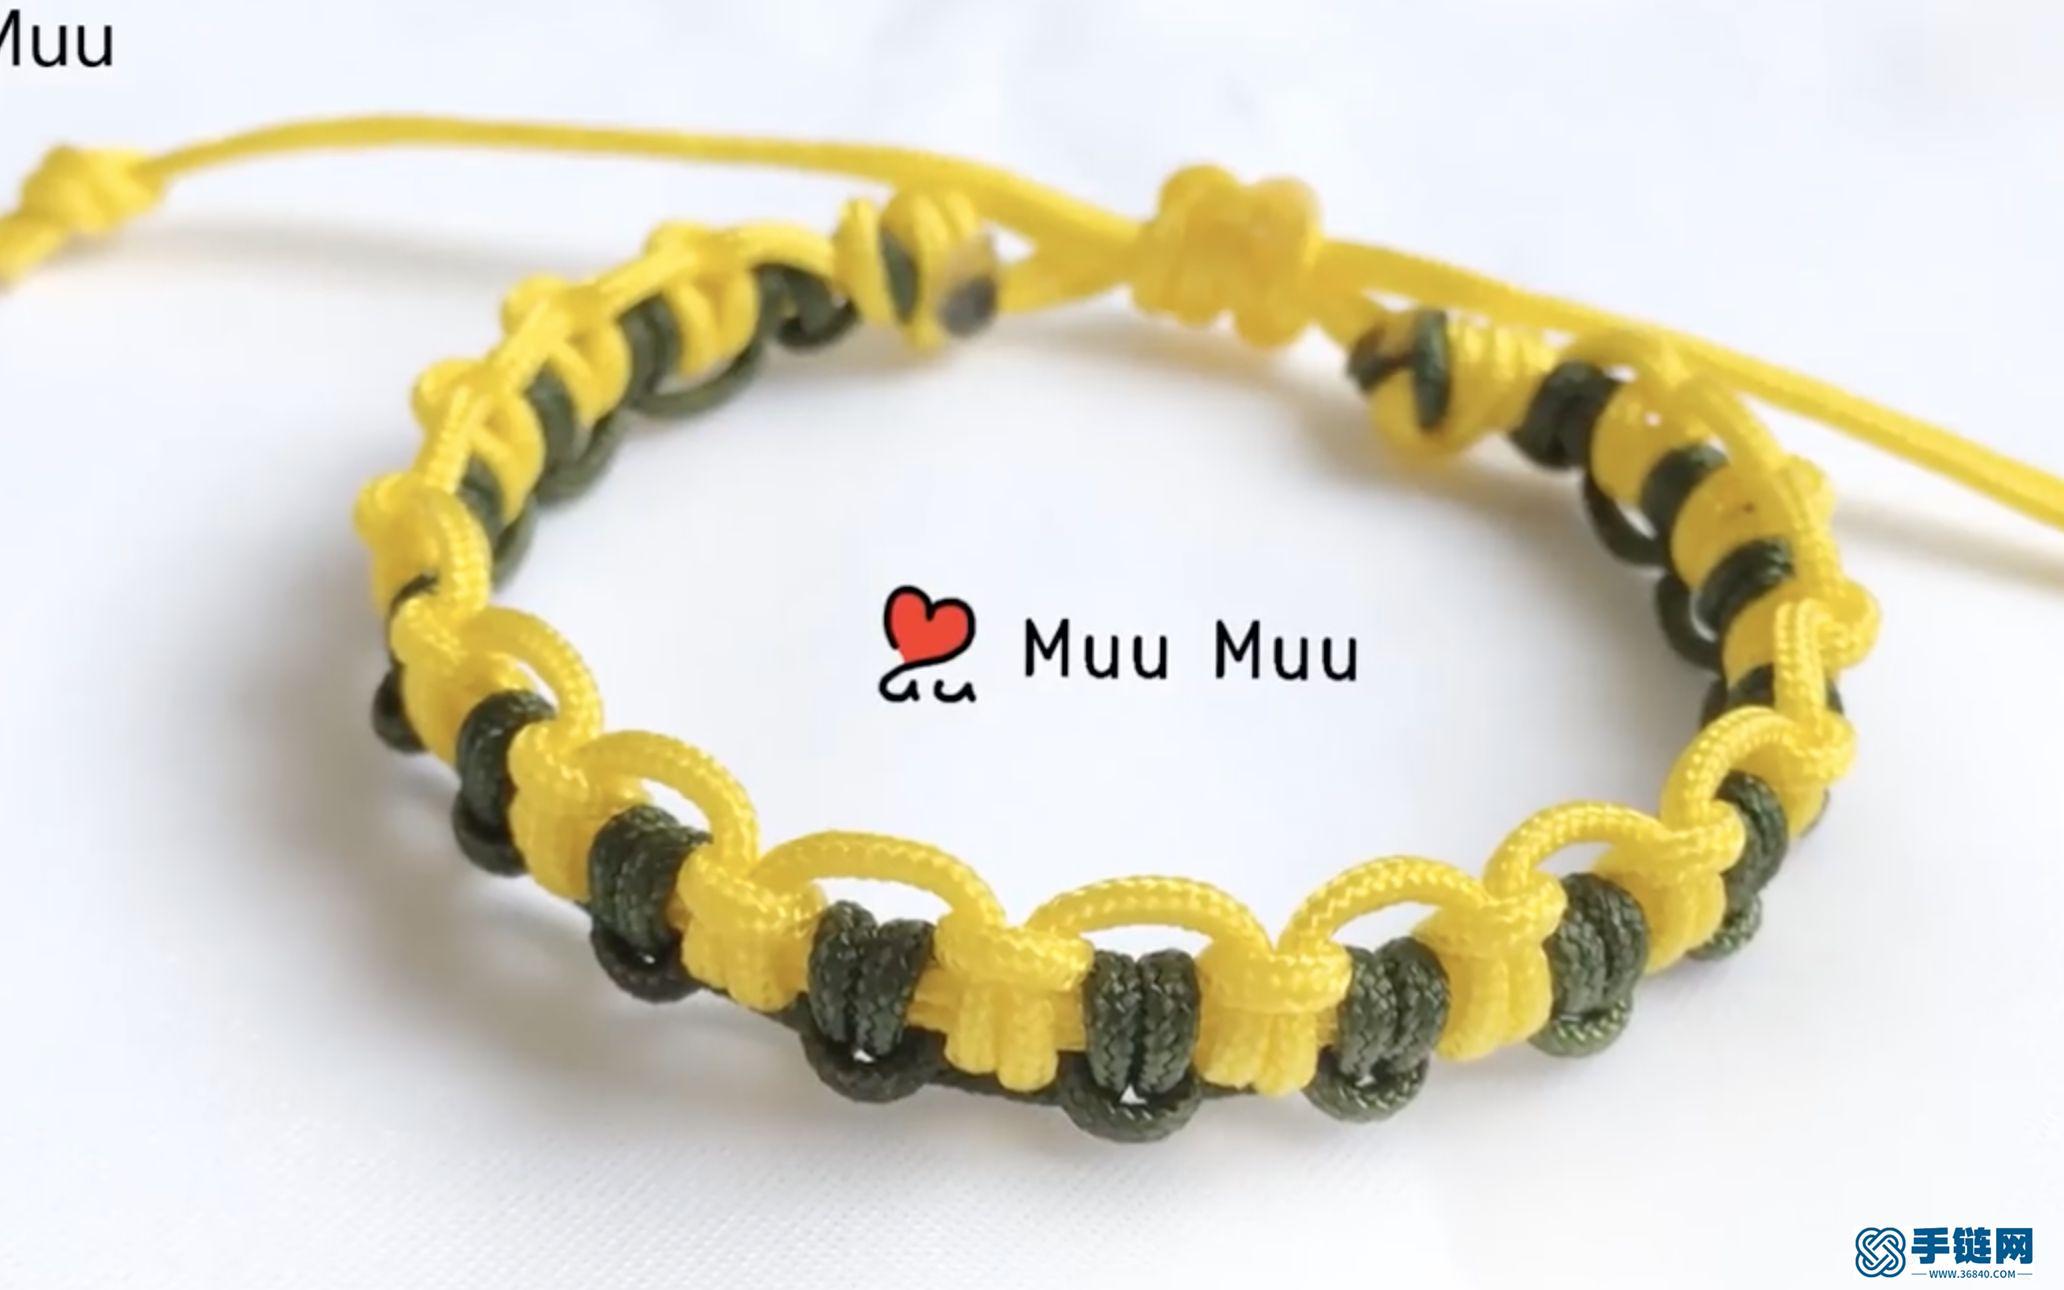 第一次尝试_黄绿色搭配编绳出来的雀头结手环_很美是吧